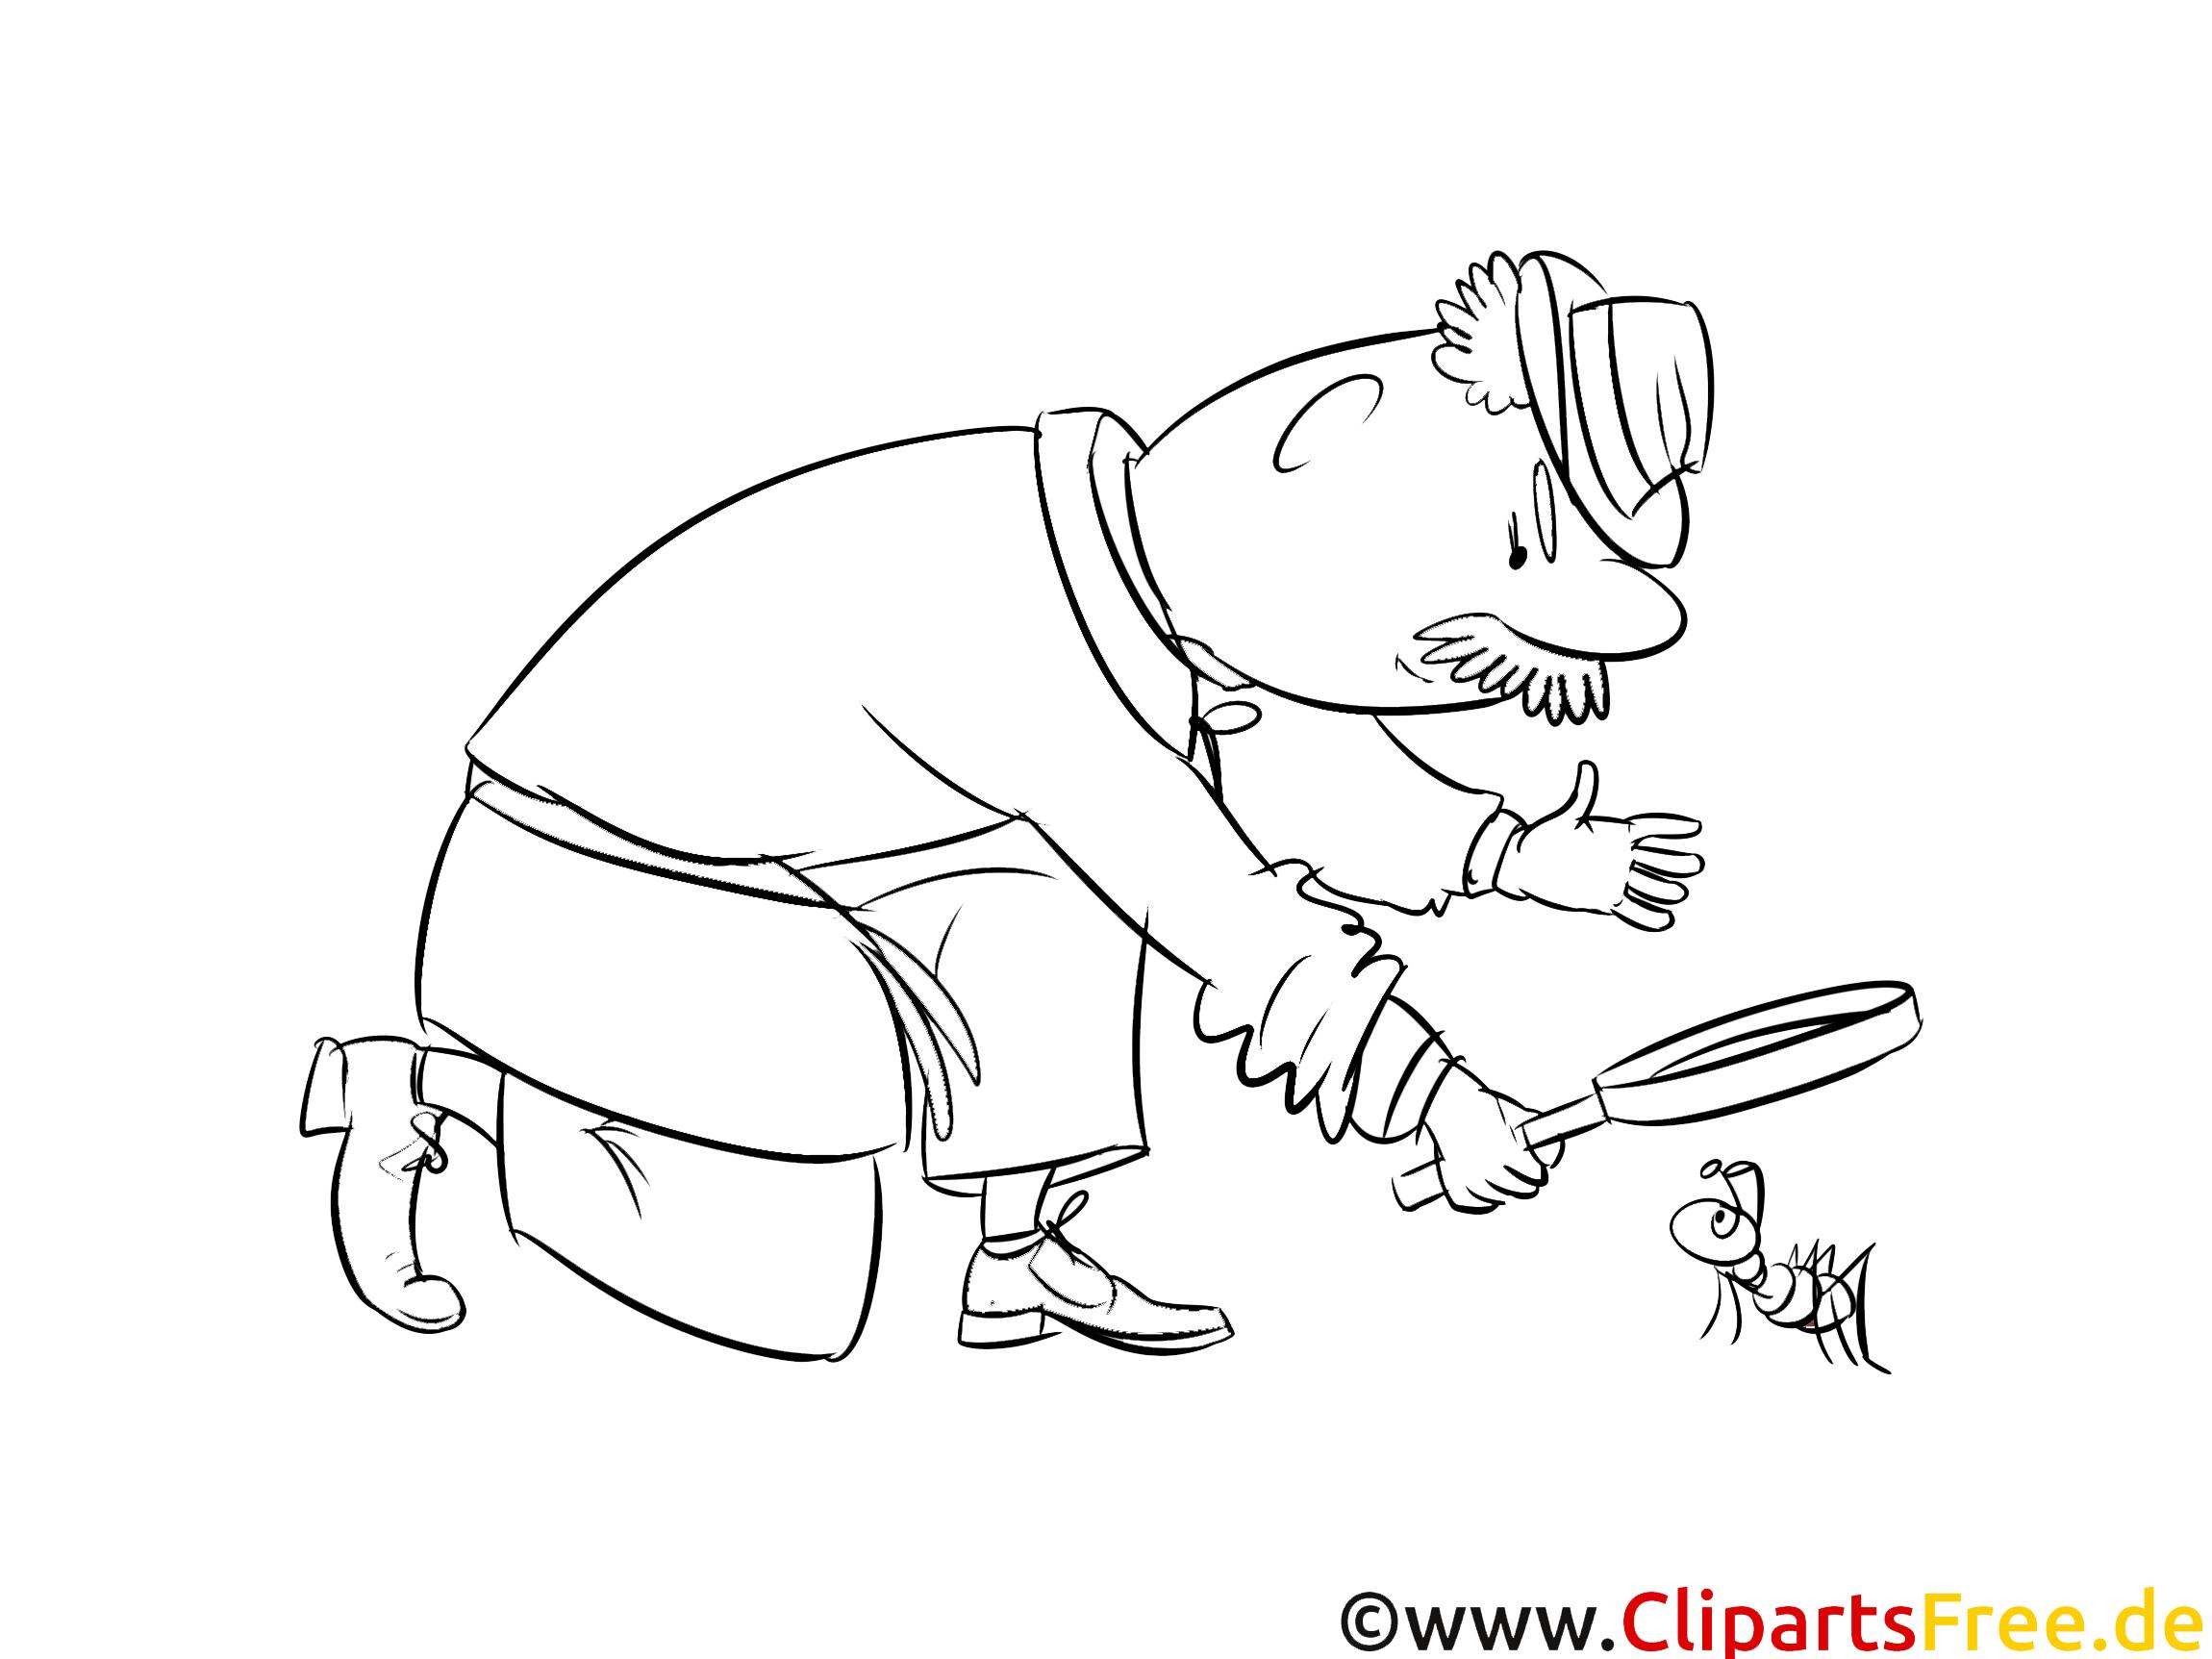 ameise detektiv bild clipart illustration zum ausmalen